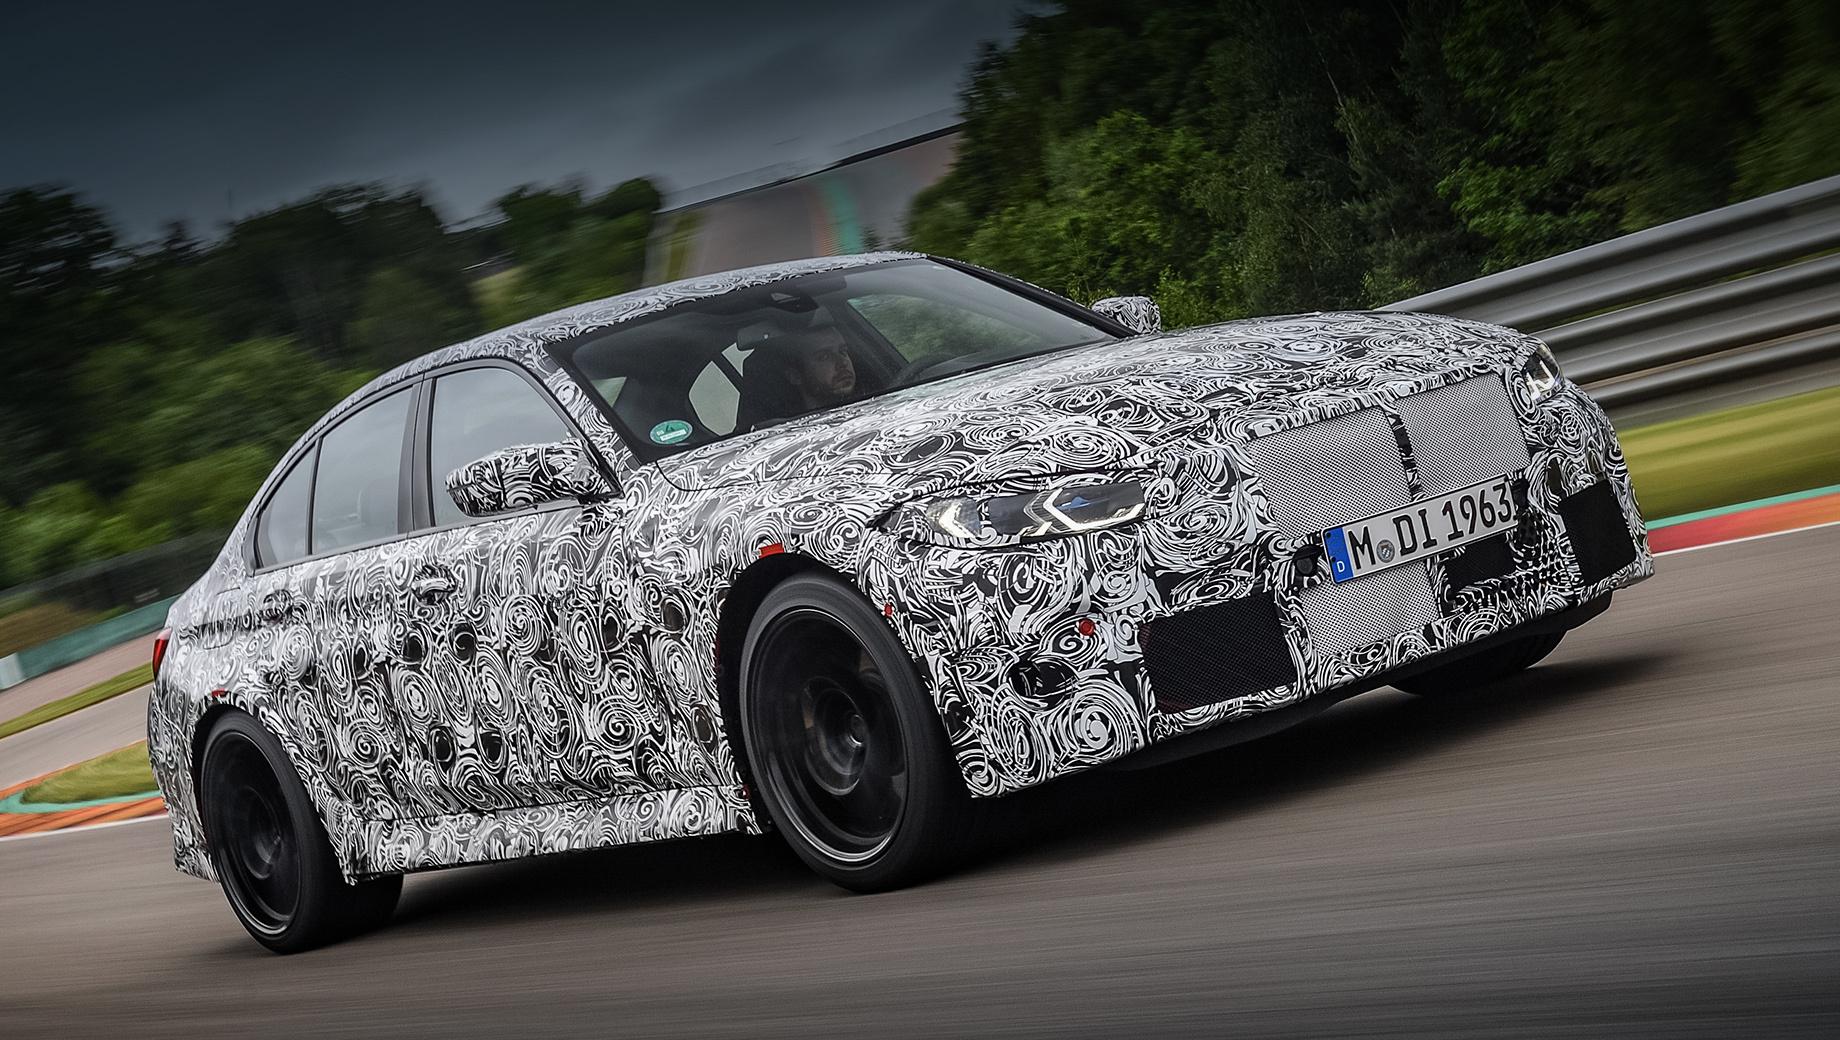 Bmw m3,Bmw m4. Седан BMW M3 и купе BMW M4 дебютируют одновременно в середине сентября 2020 года. Позже на рынок выйдет кабриолет BMW M4, а потом немцы начнут готовить более мощные модификации «эмок», предназначенные в большей степени для езды по гоночному треку.